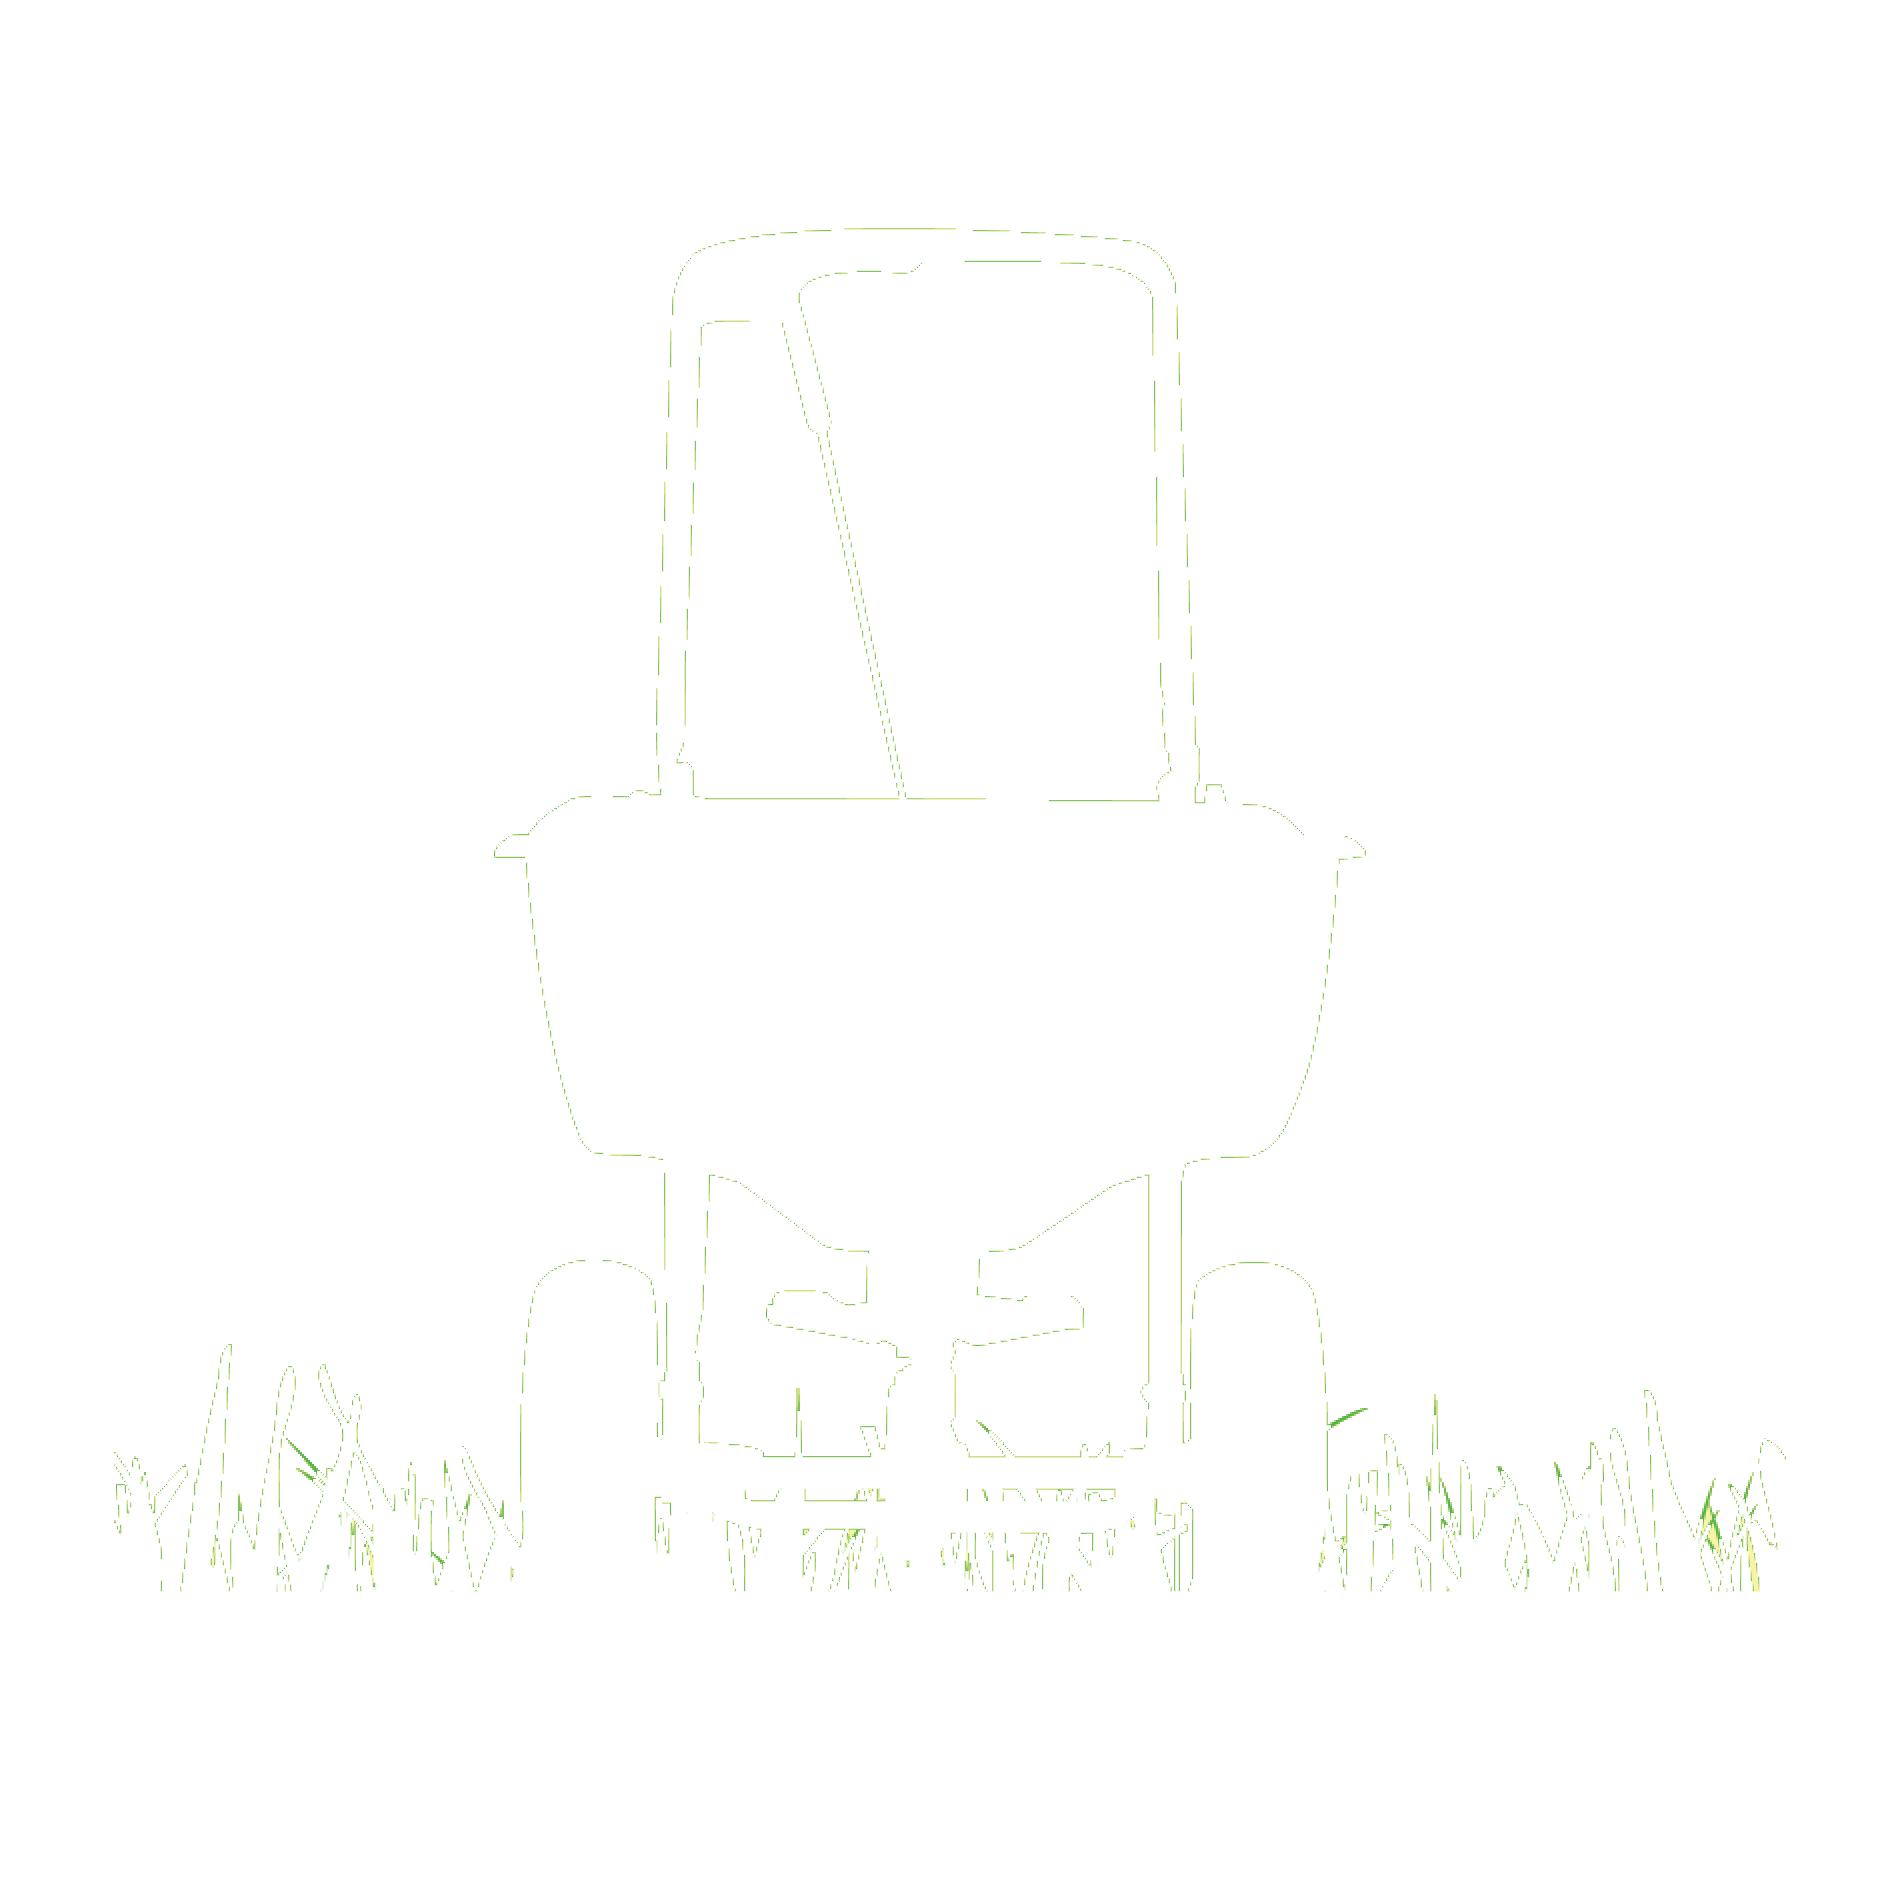 Fertlizer Services